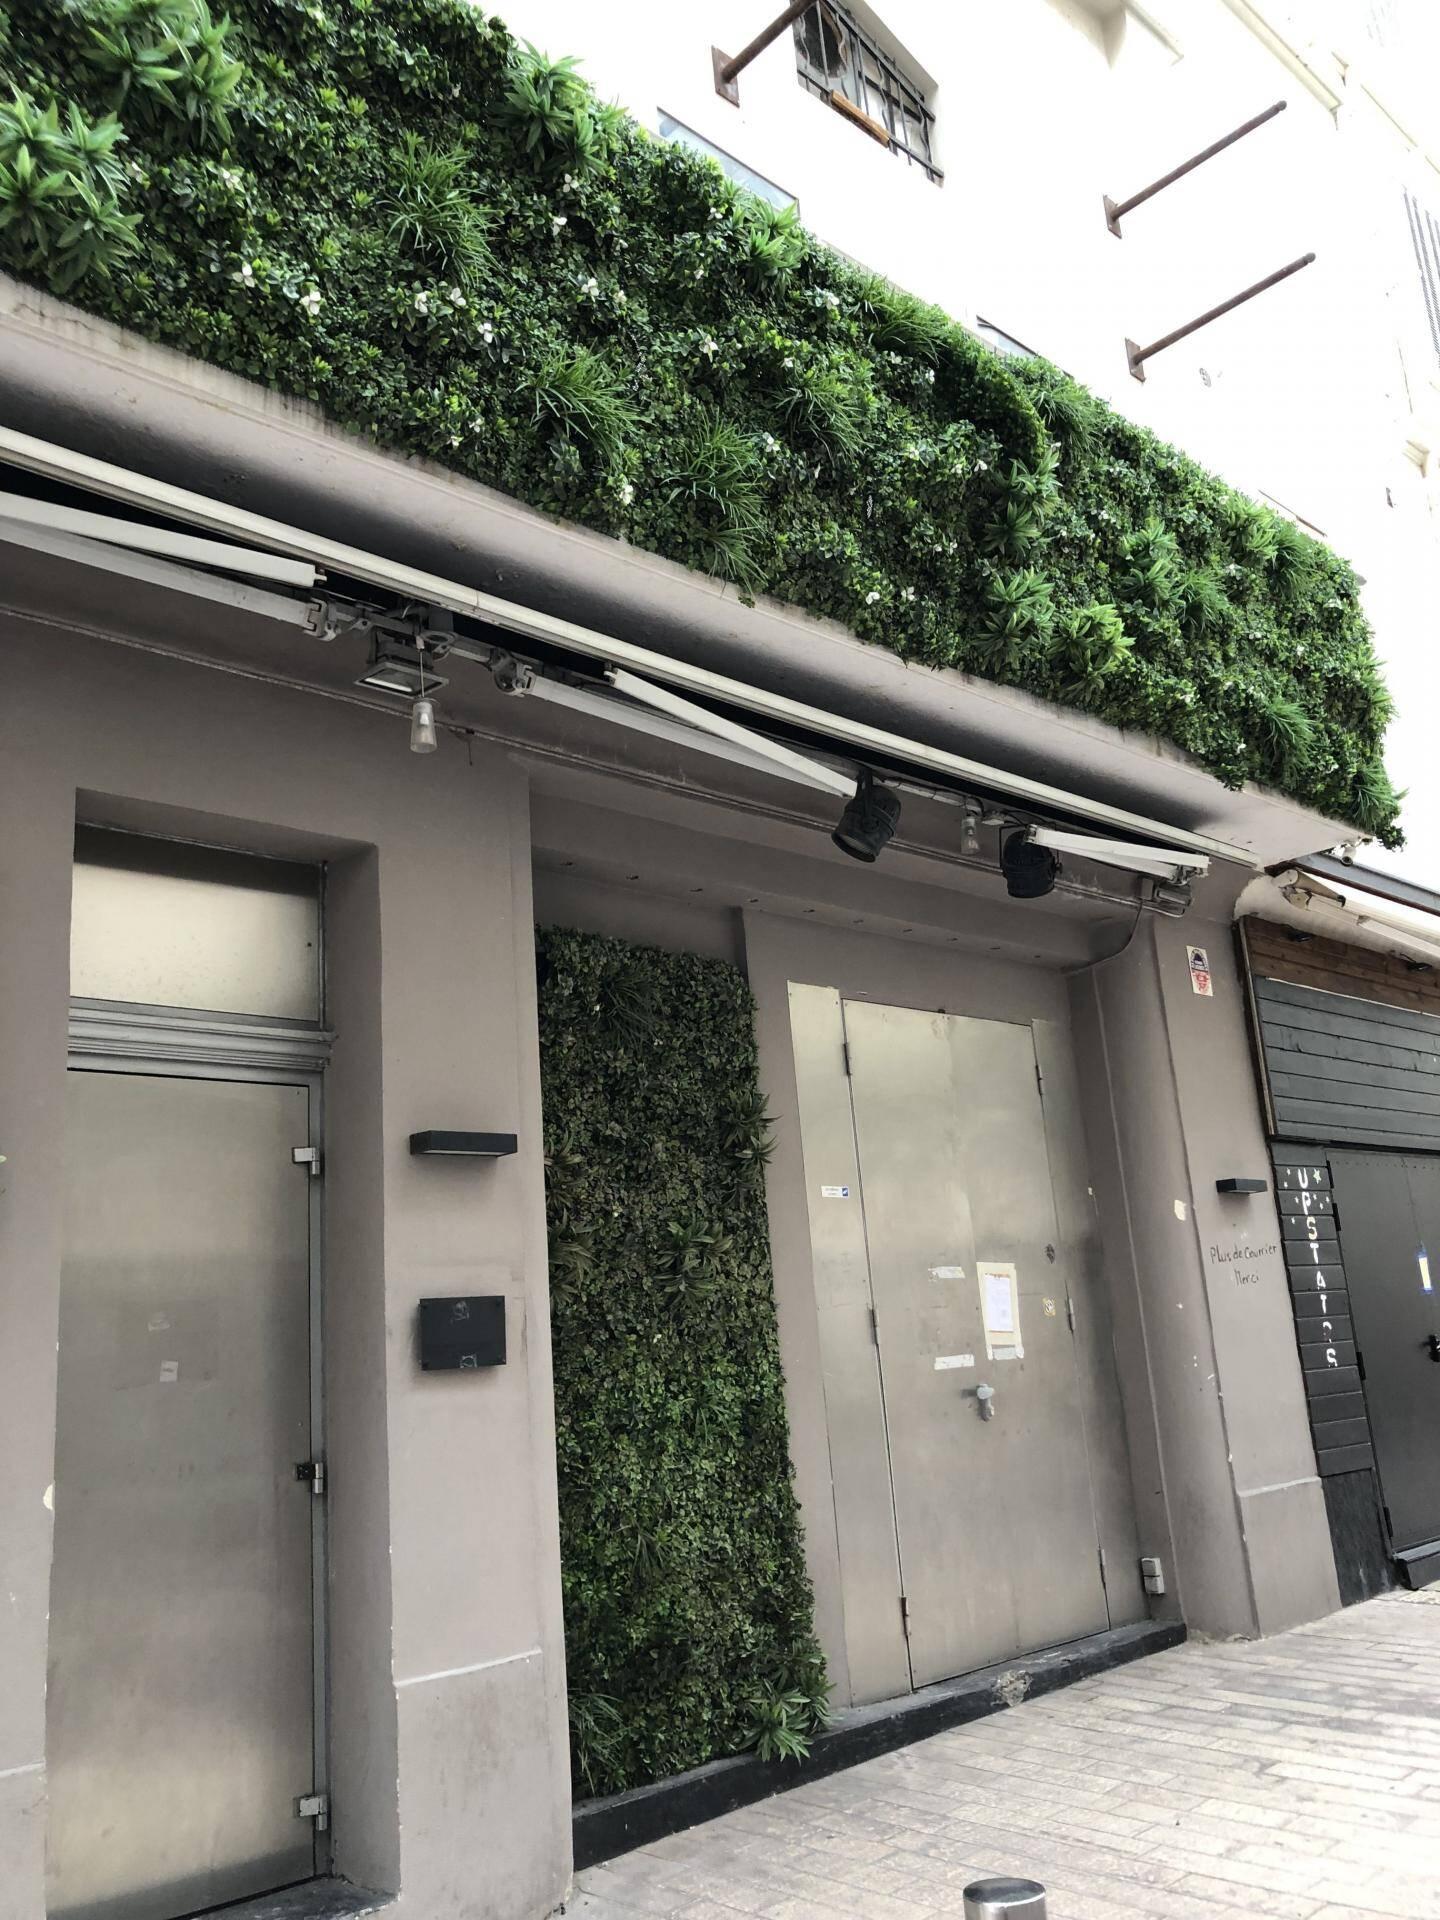 L'Oud, au 13 rue du docteur Monod, sera fermé jusqu'au 1er février 2020.